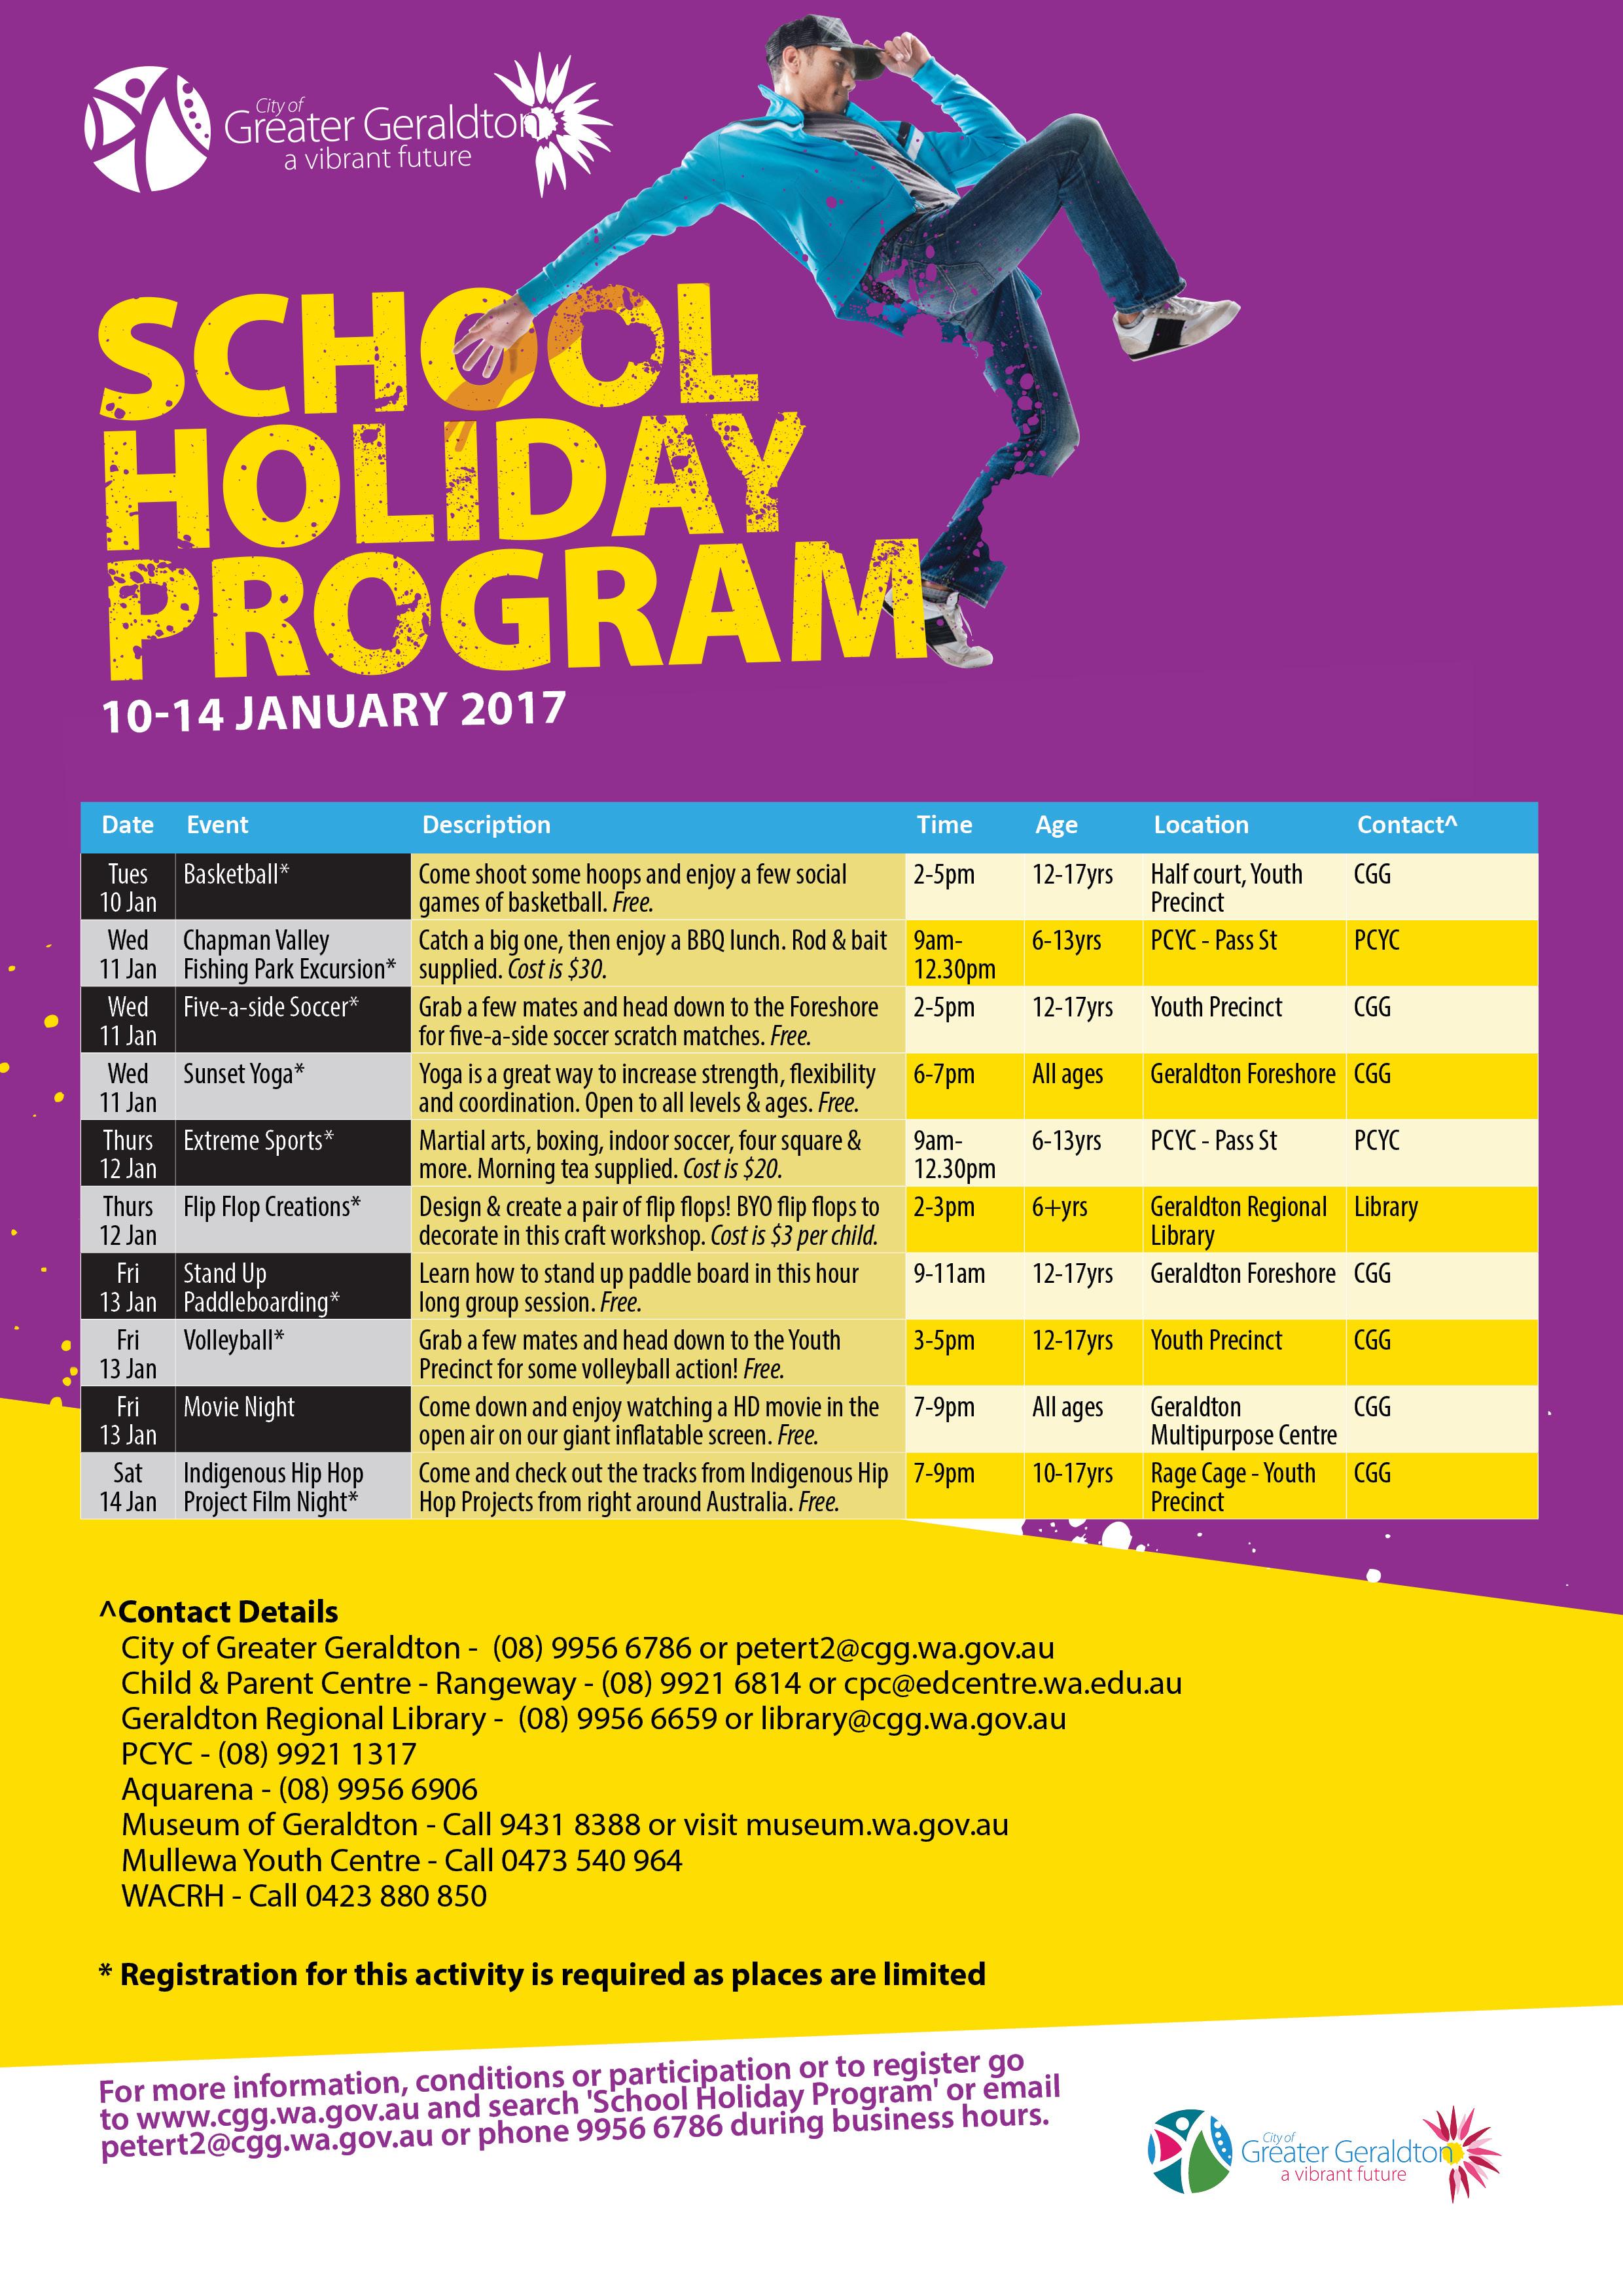 School Holiday Program 2016-17 JPG3.jpg